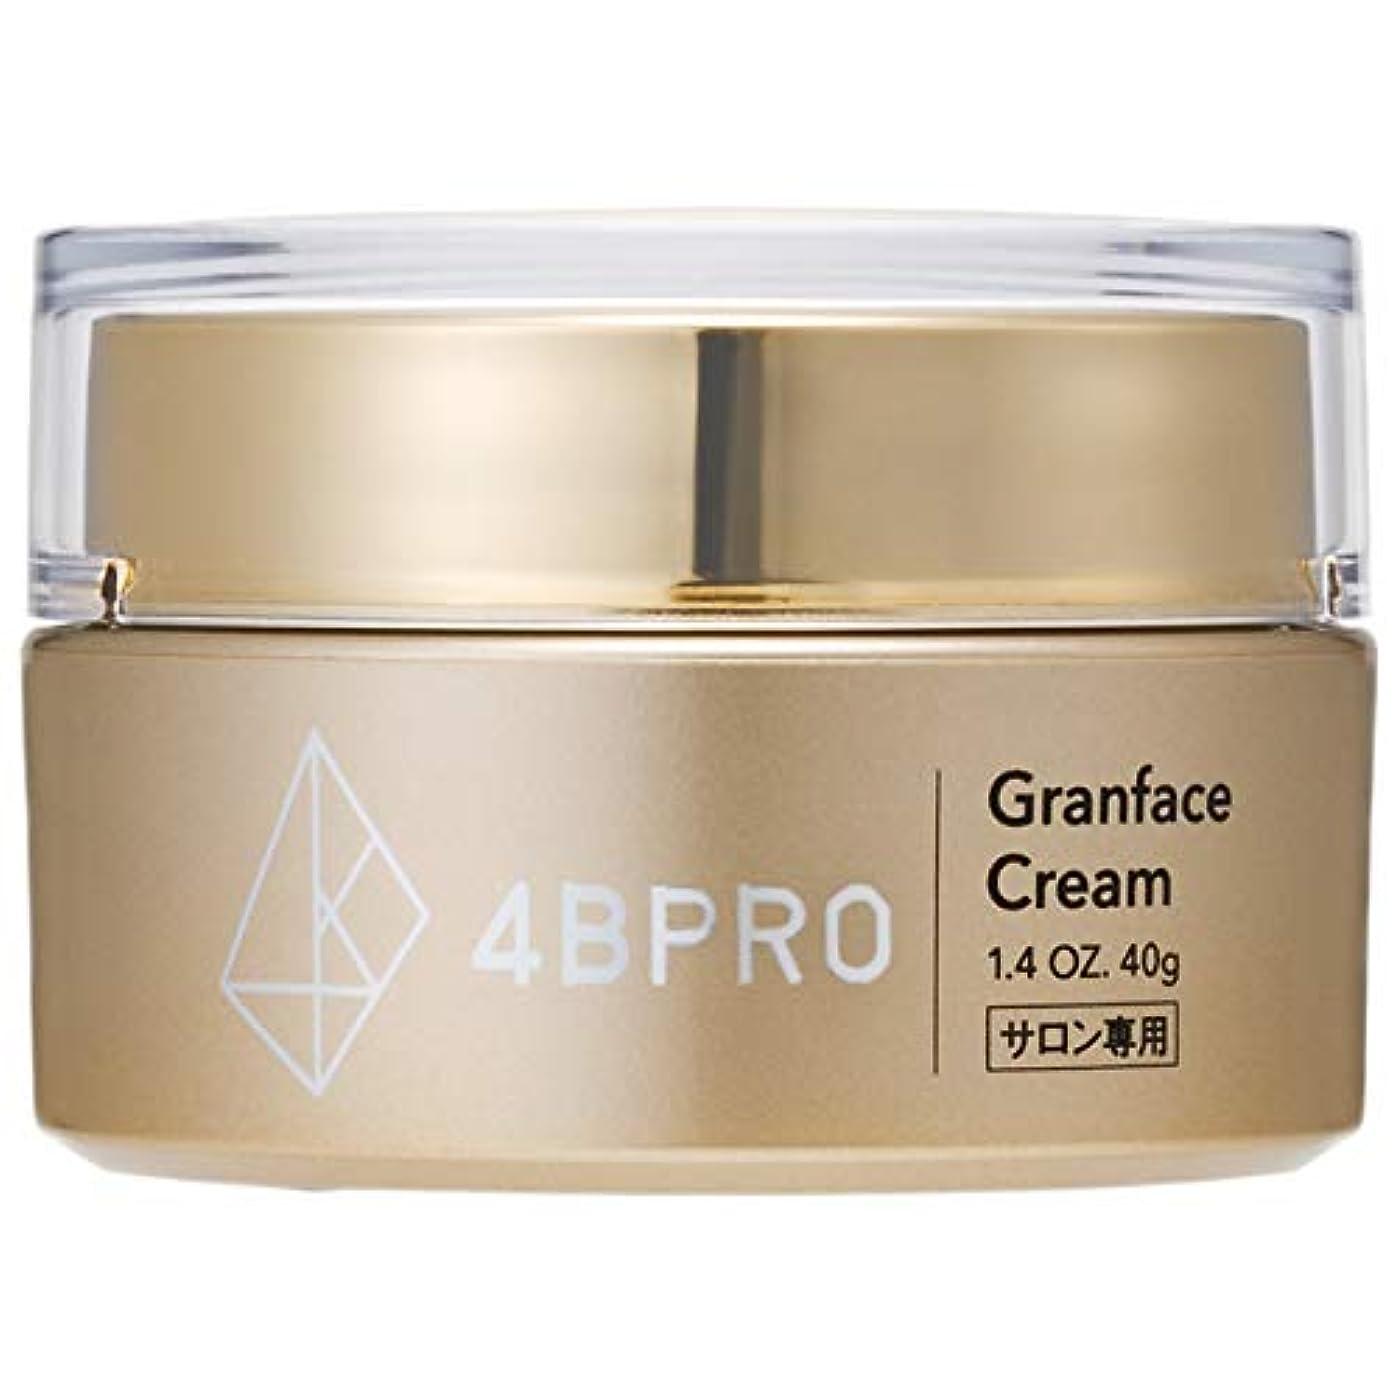 応用肉のアラブ4BPRO GranFace Cream(フォービープロ グランフェイスクリーム)フェイスクリーム 高浸透型ヒアルロン酸、抗炎症、抗酸化、美白美容成分配合 40g